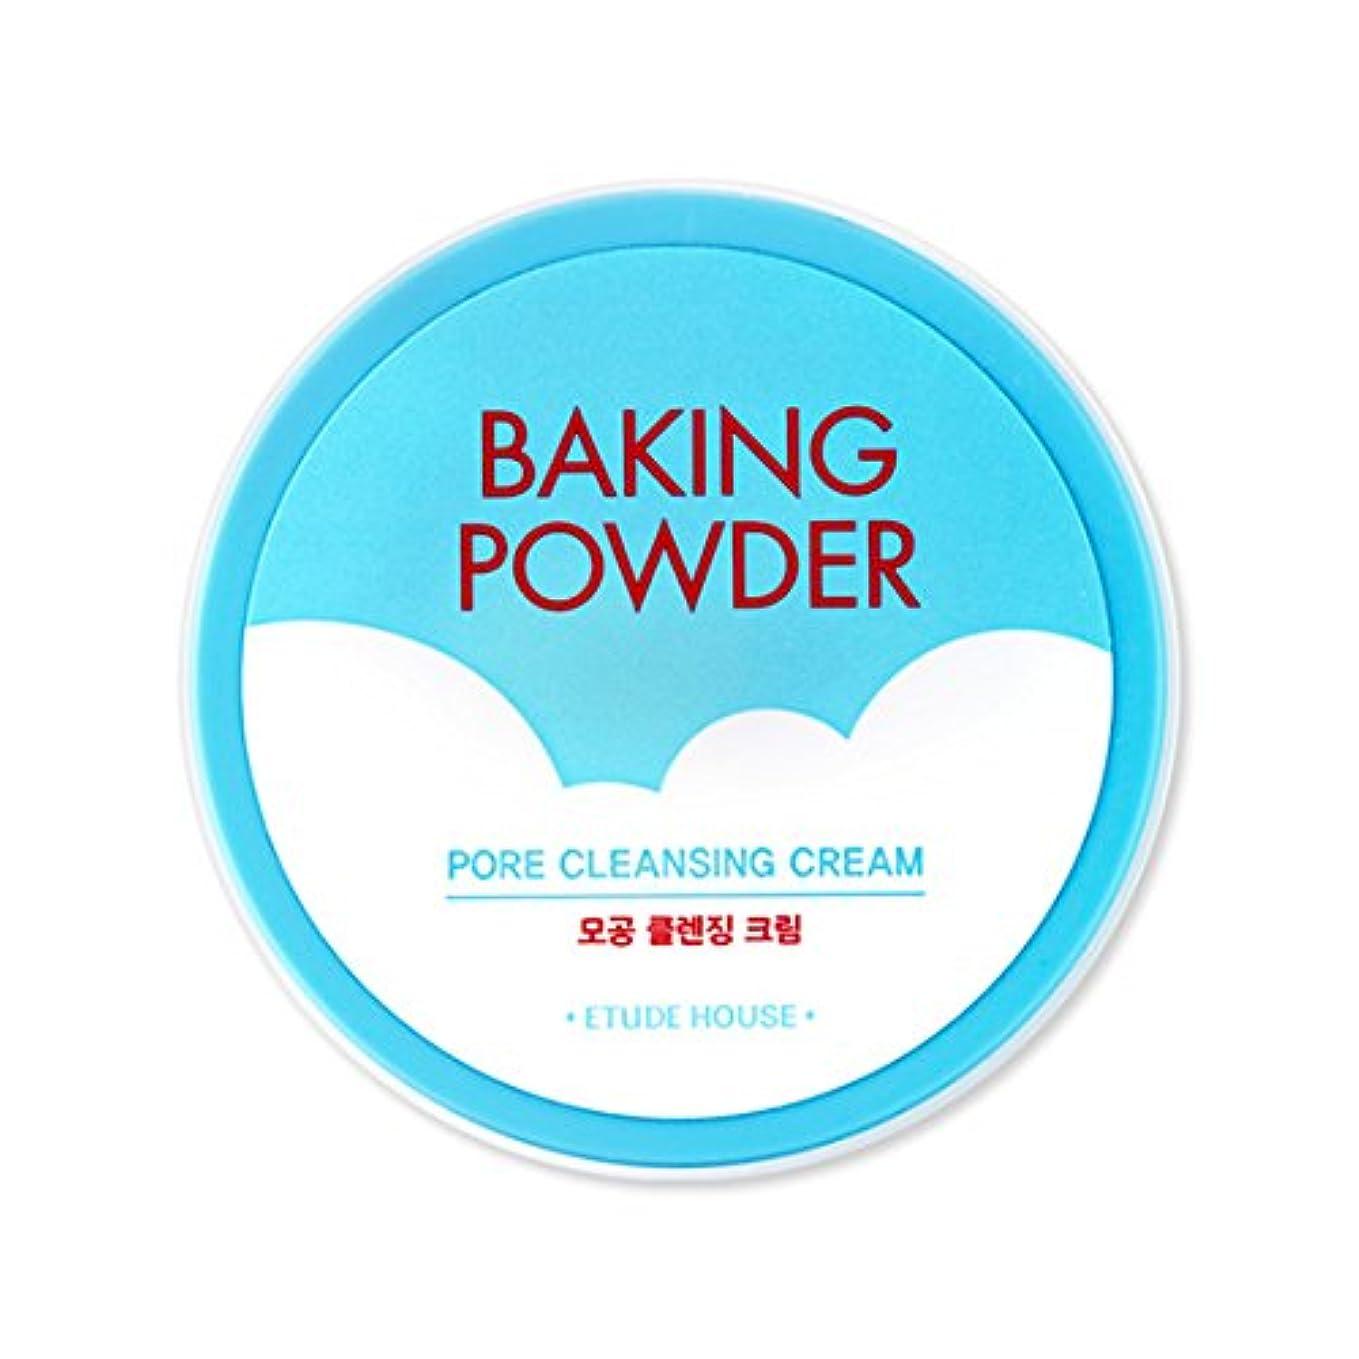 贈り物有益な心配[2016 Upgrade!] ETUDE HOUSE Baking Powder Pore Cleansing Cream 180ml/エチュードハウス ベーキング パウダー ポア クレンジング クリーム 180ml...